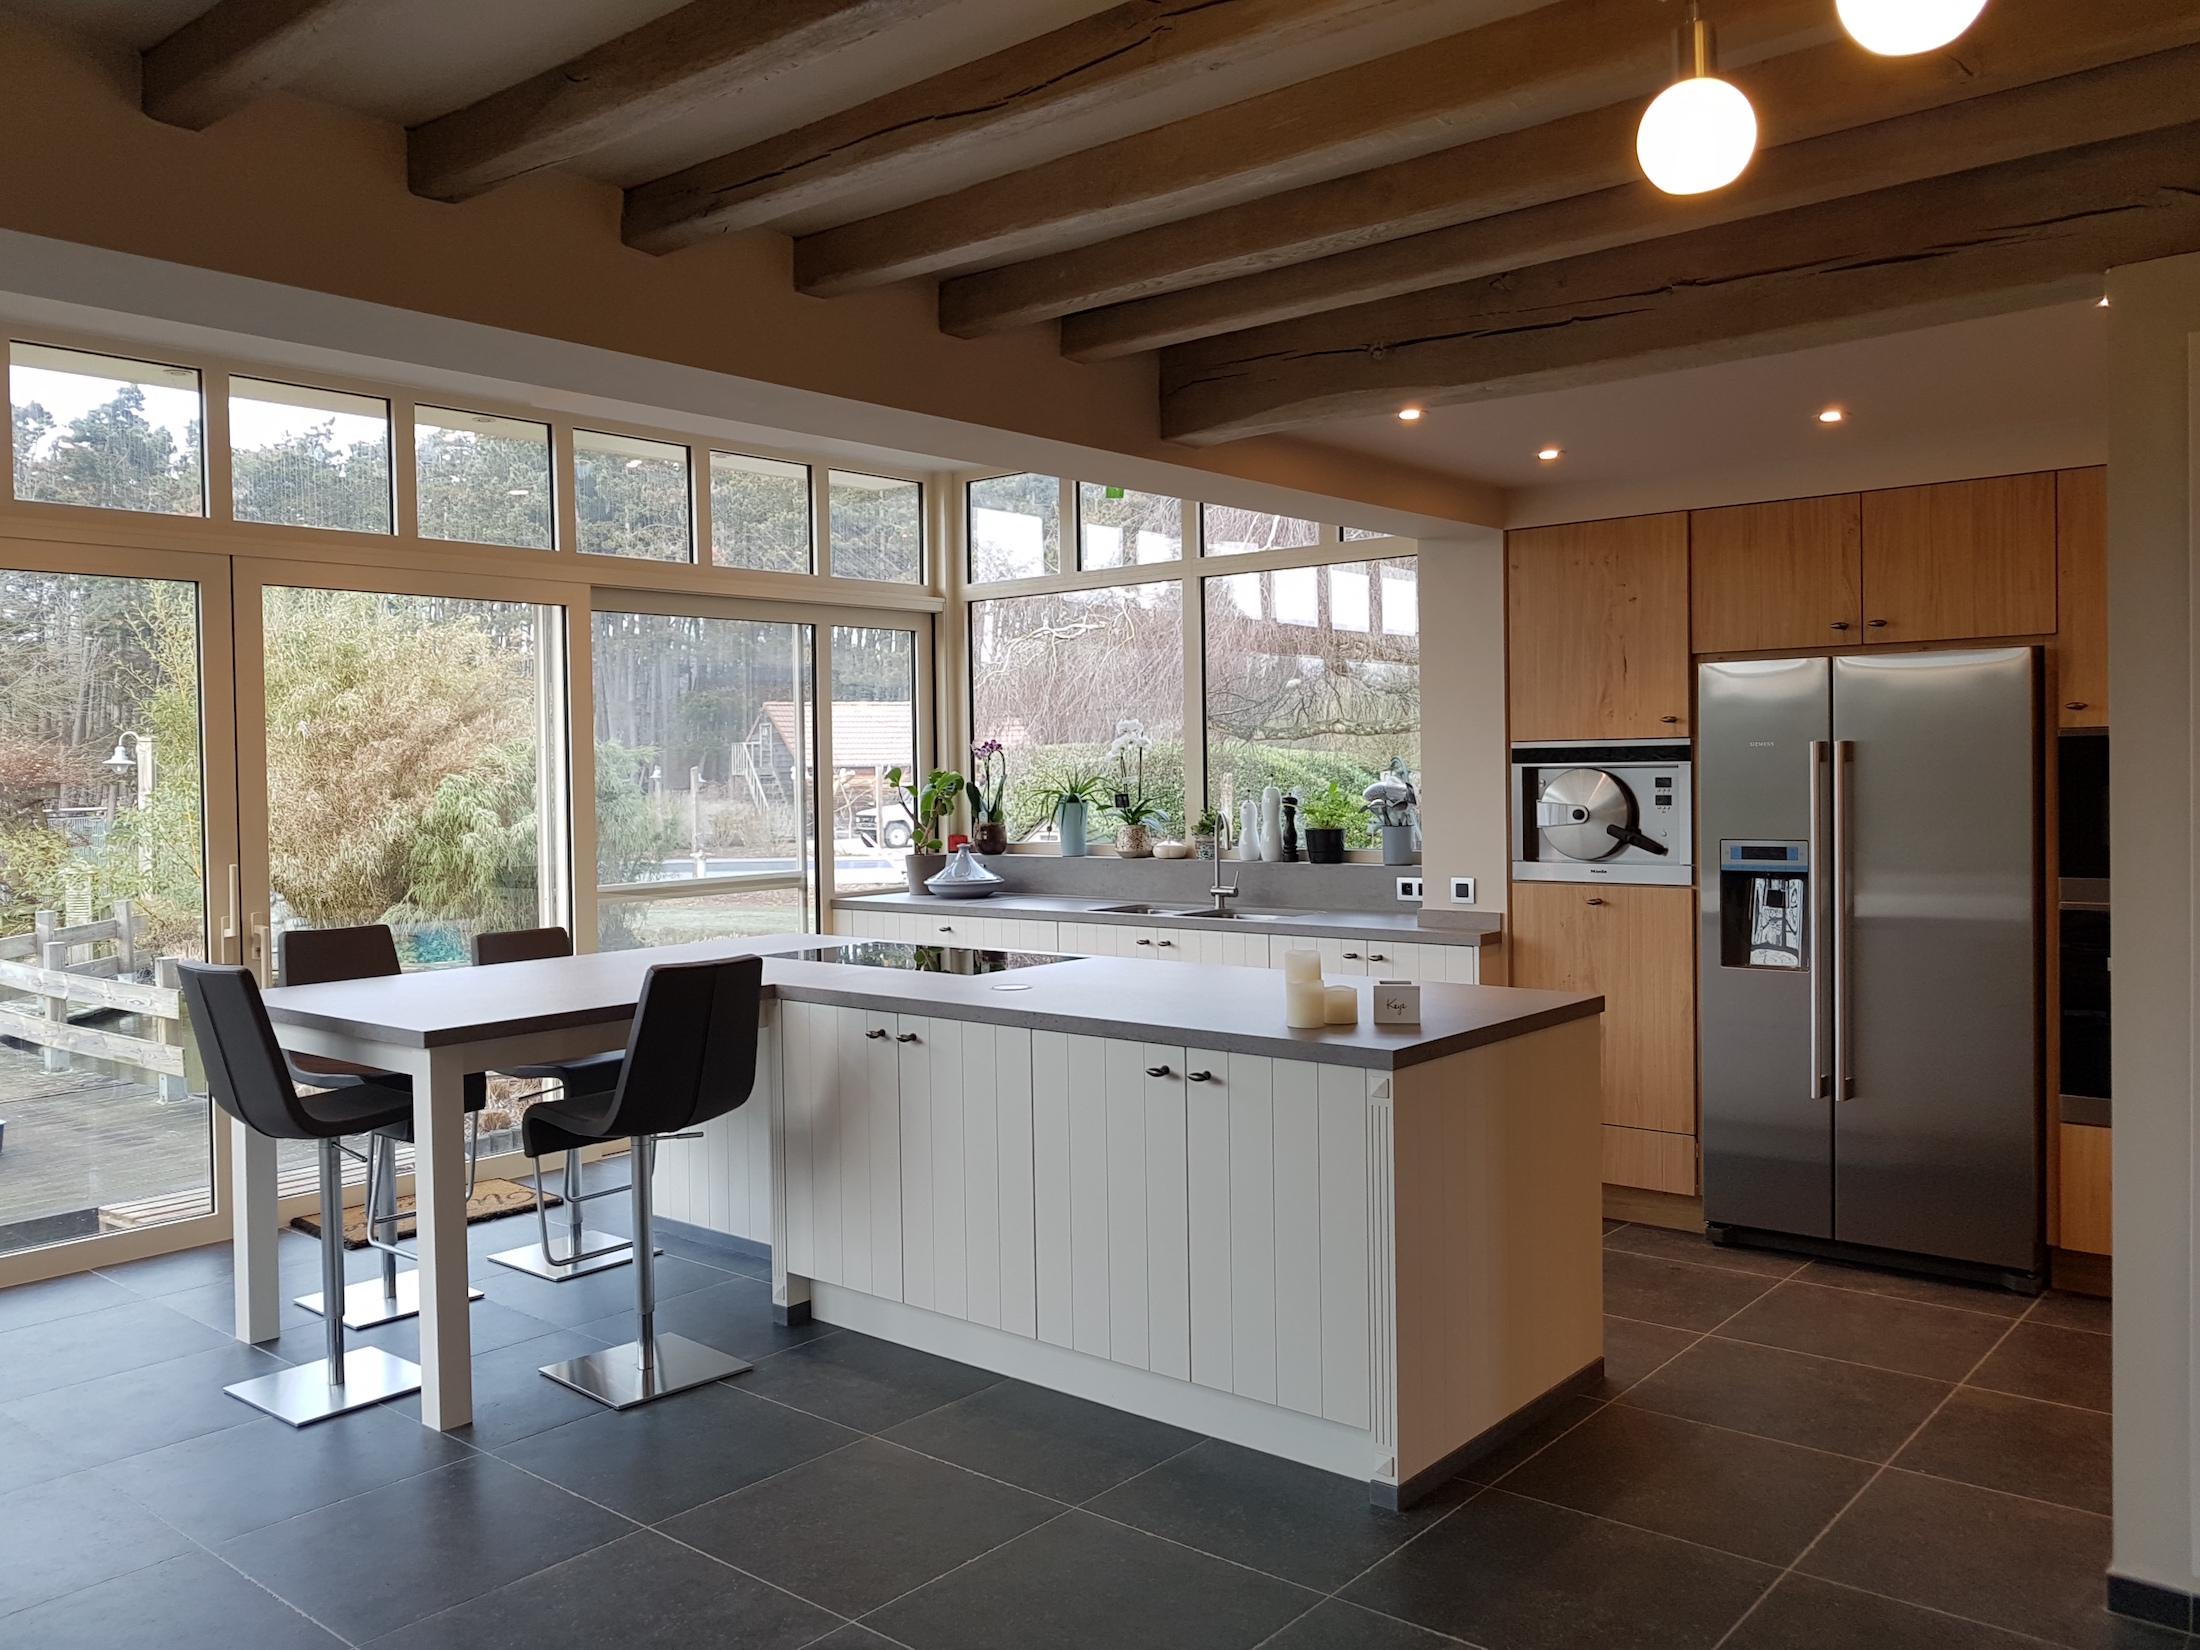 renovatie keuken - interieurinrichting DC Keukens Mechelen